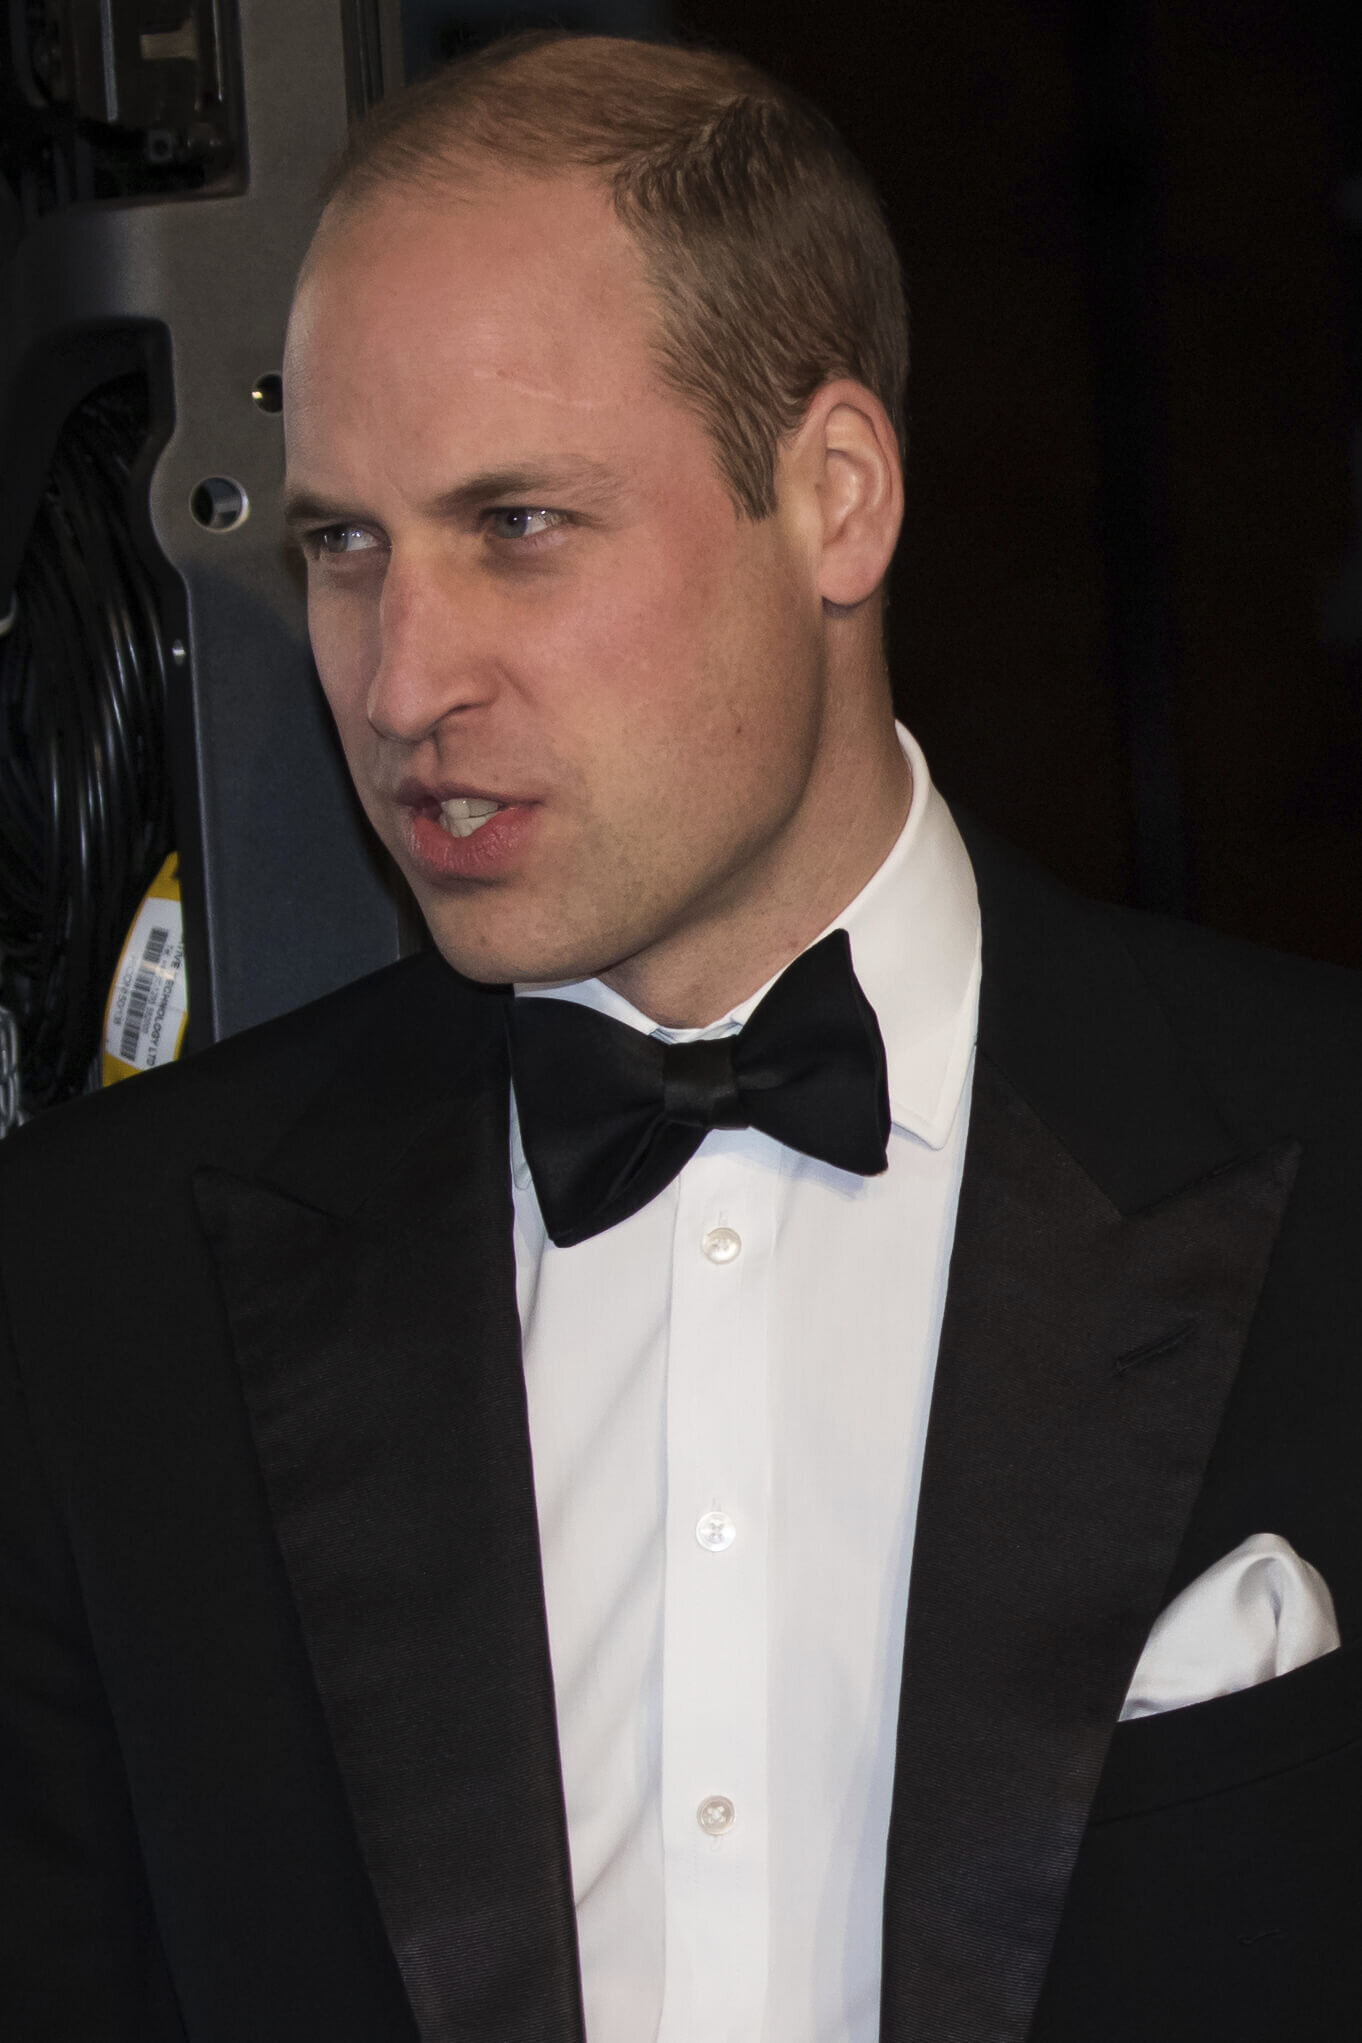 Prinz William schwärmte als Teenager für Models. Deswegen lud Prinzessin Diana die Laufstegschönheiten zu ihnen nach Hause ein.  © picture alliance/AP/Invision